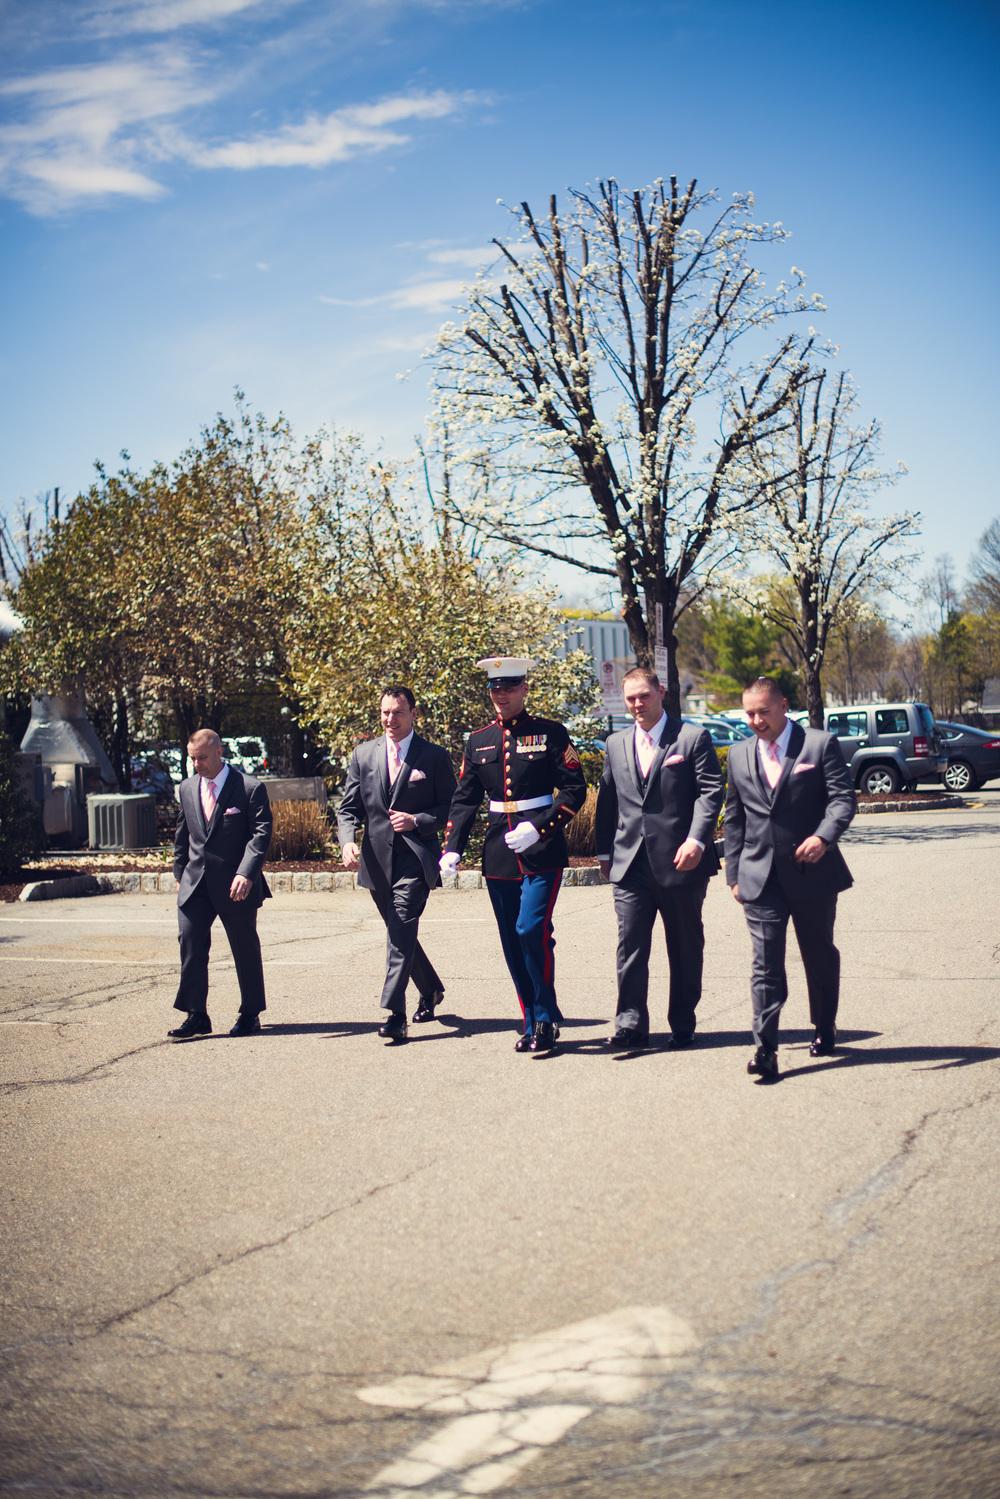 American Marine groom groomsmen walking outdoors